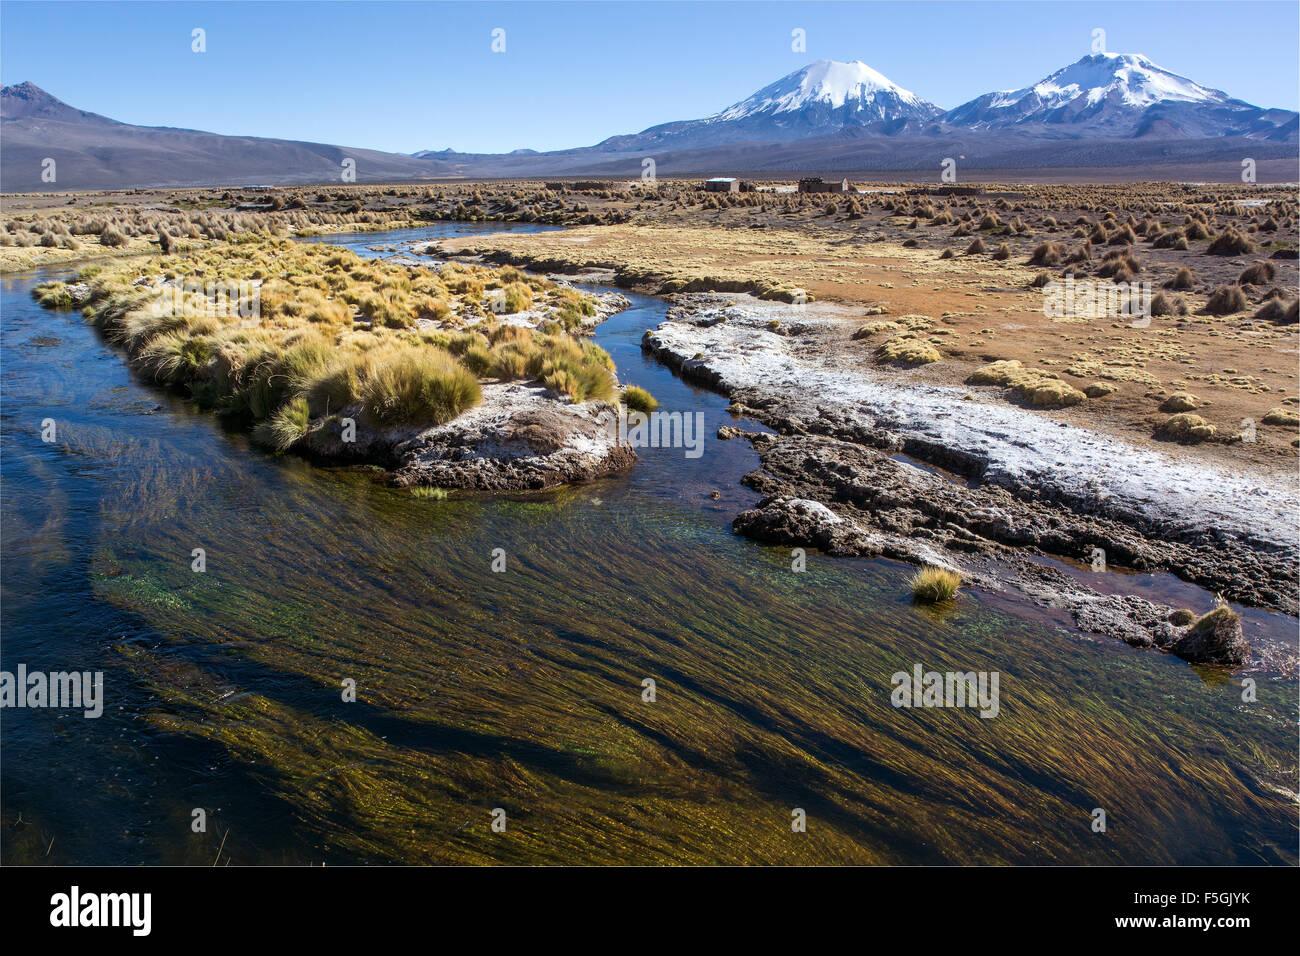 Fluss und Wasserpflanzen vor schneebedeckten Vulkane Parinacota, pomerape und Sajama Nationalpark Stockbild